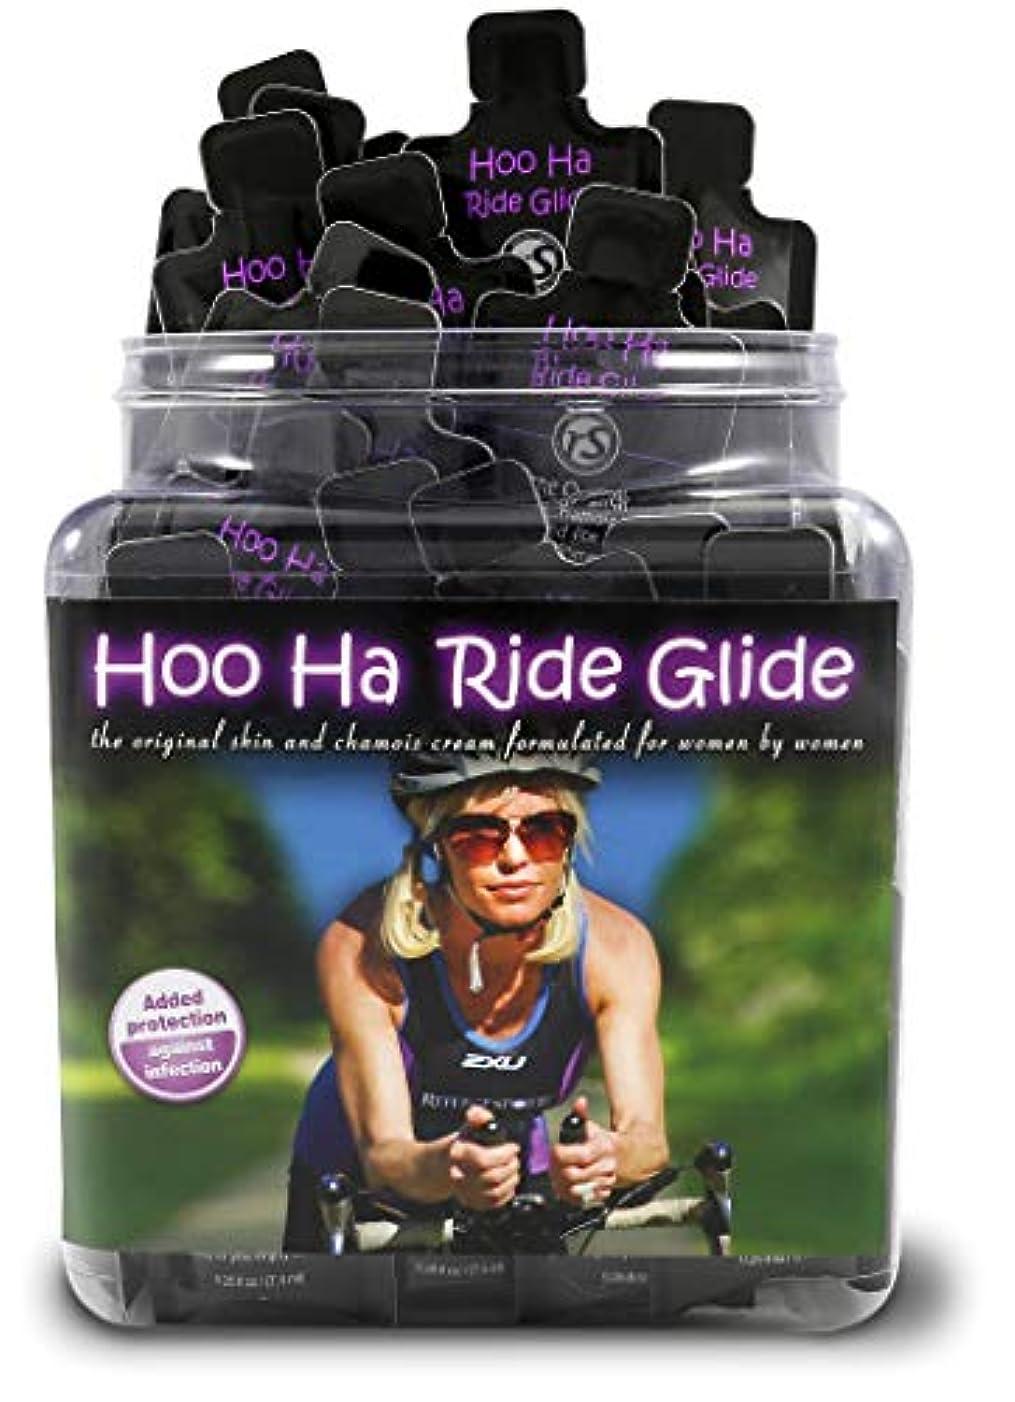 混乱させるやる性別Reflect Sports Hoo Ha Ride Glide , 0.25-Ounce by Reflect Sports